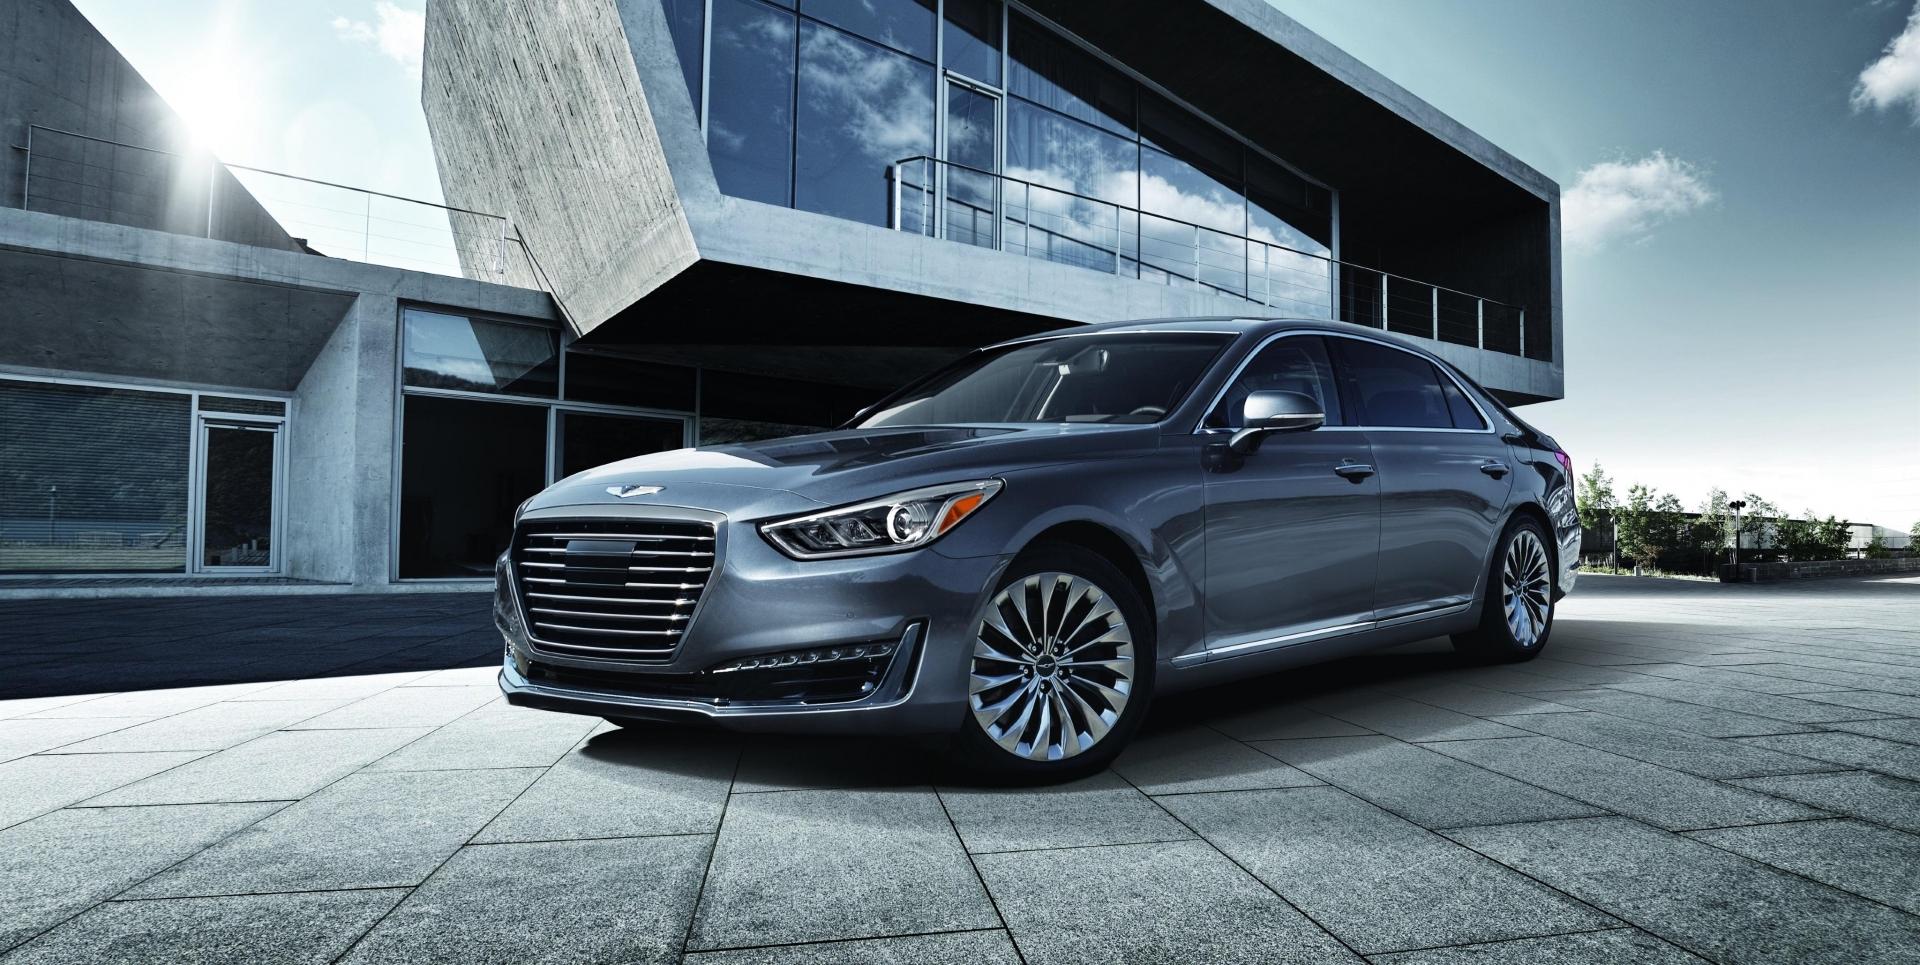 Фото бренд genesis и флагманский седан g90 – лидеры рейтинга по степени удовлетворенности клиентов по версии агентства autopacific